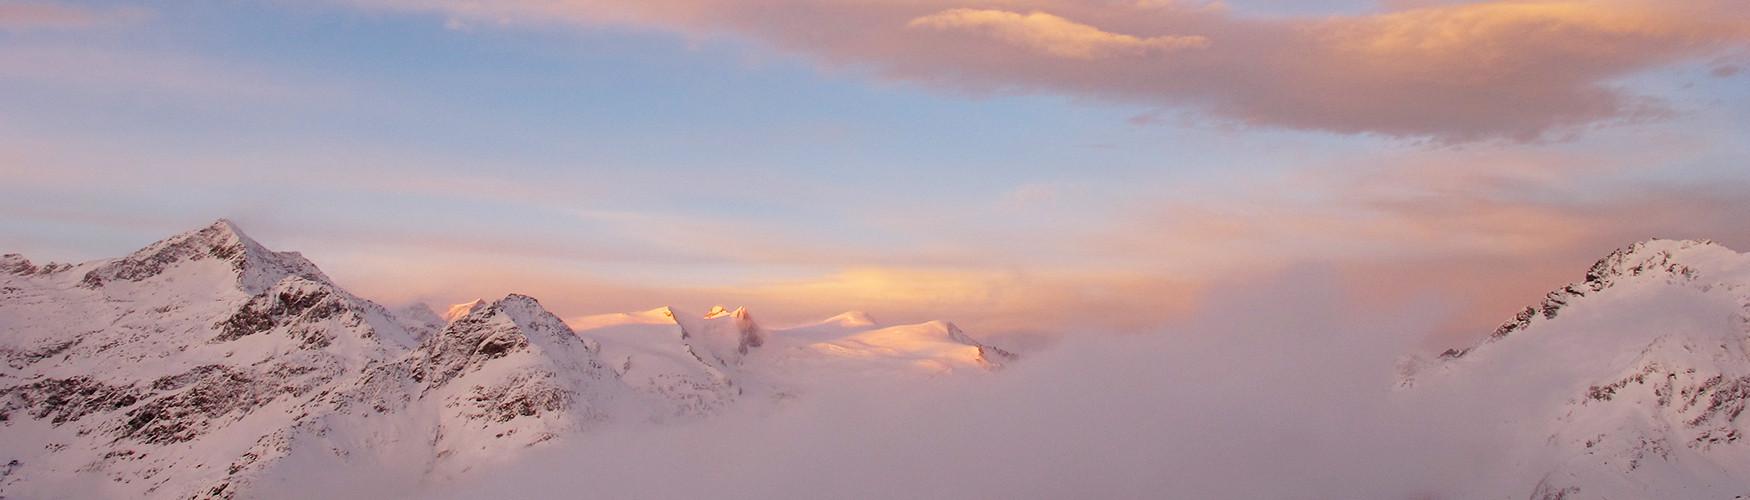 Skidurchquerung Tirol Österreich Großglockner